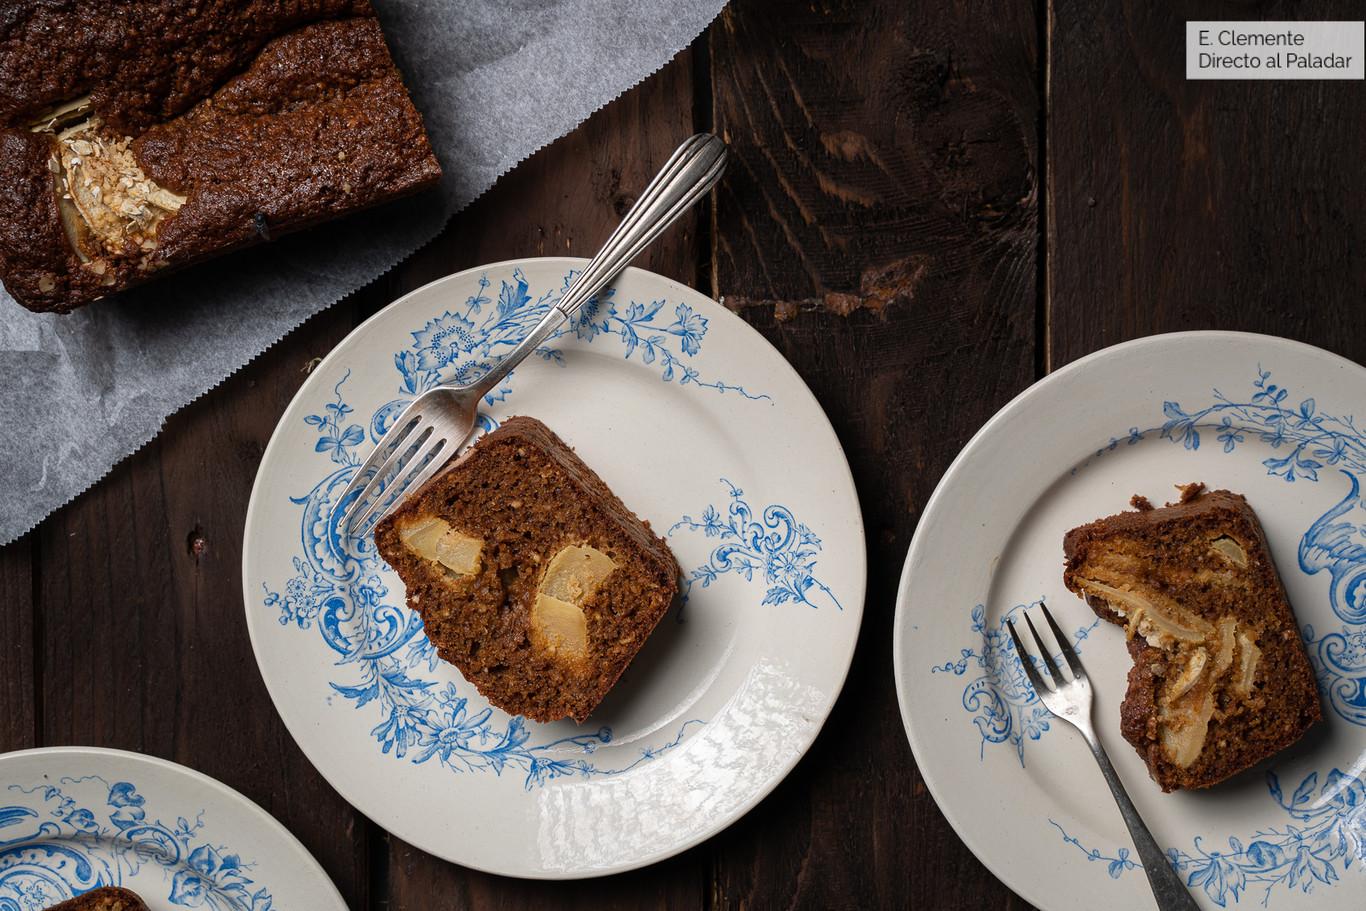 Bizcocho de avena, avellanas y manzana: la receta sin gluten preferida para un desayuno energético